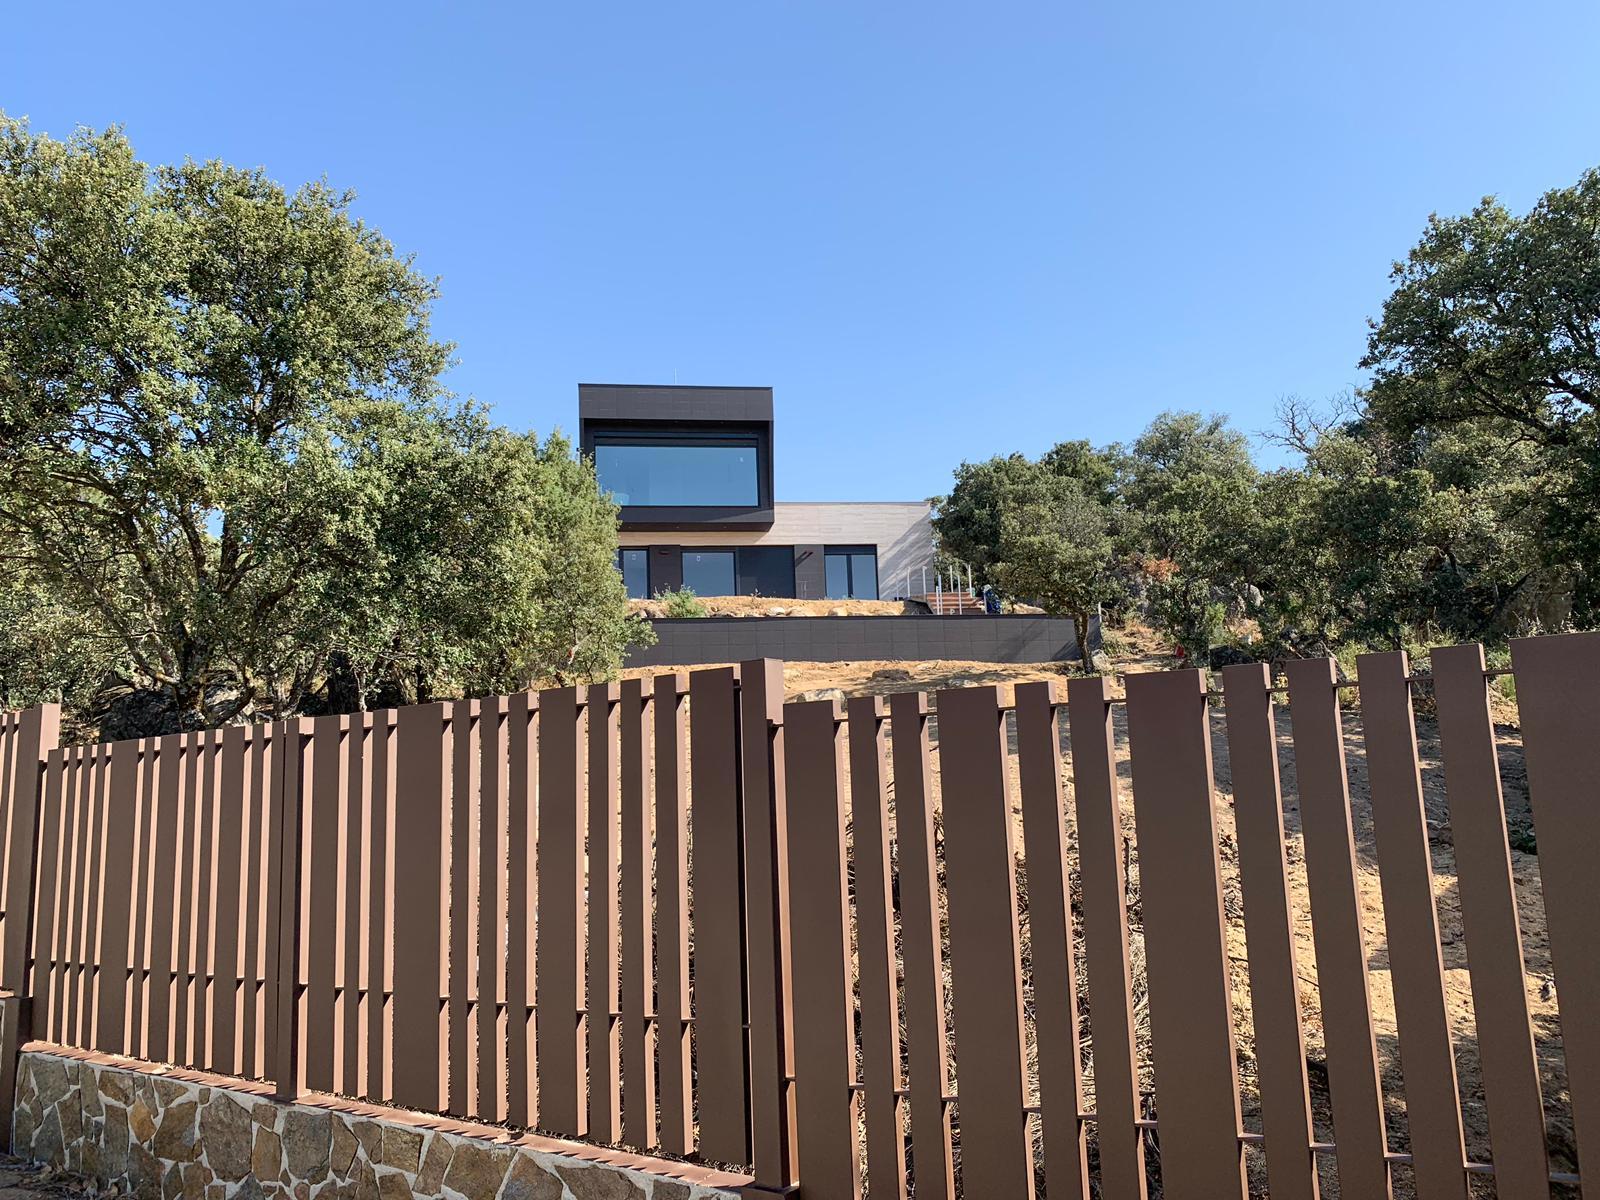 casa-prefabricada-moderna-navalgamella-madrid-10